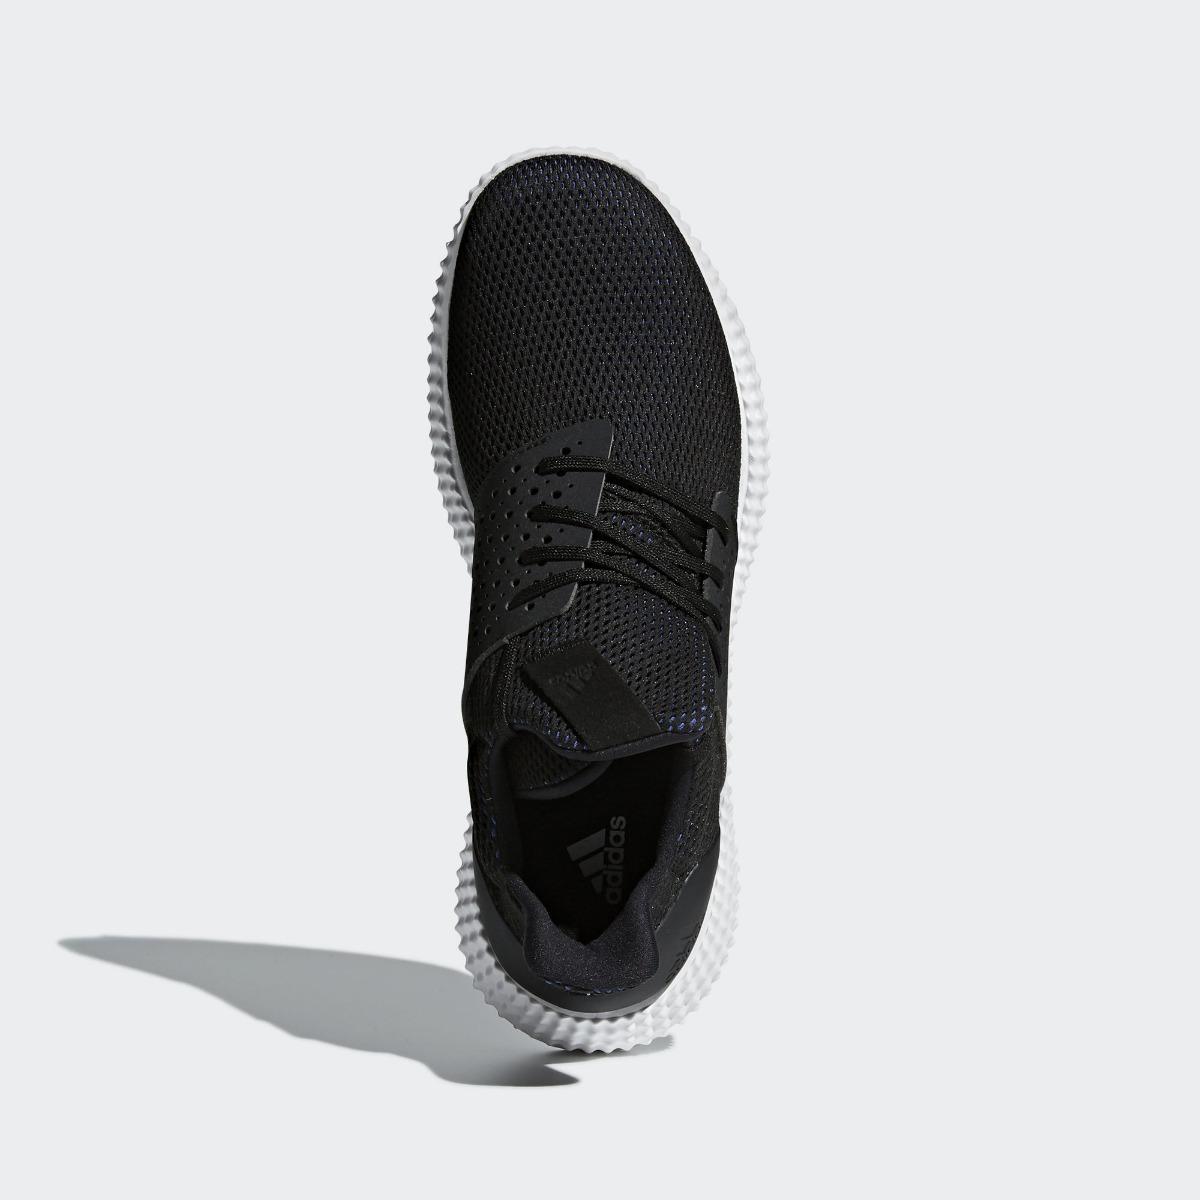 best sneakers 8e337 5026f zapatillas adidas athletics 247 trainer - cg3448 - oferta! Cargando zoom.